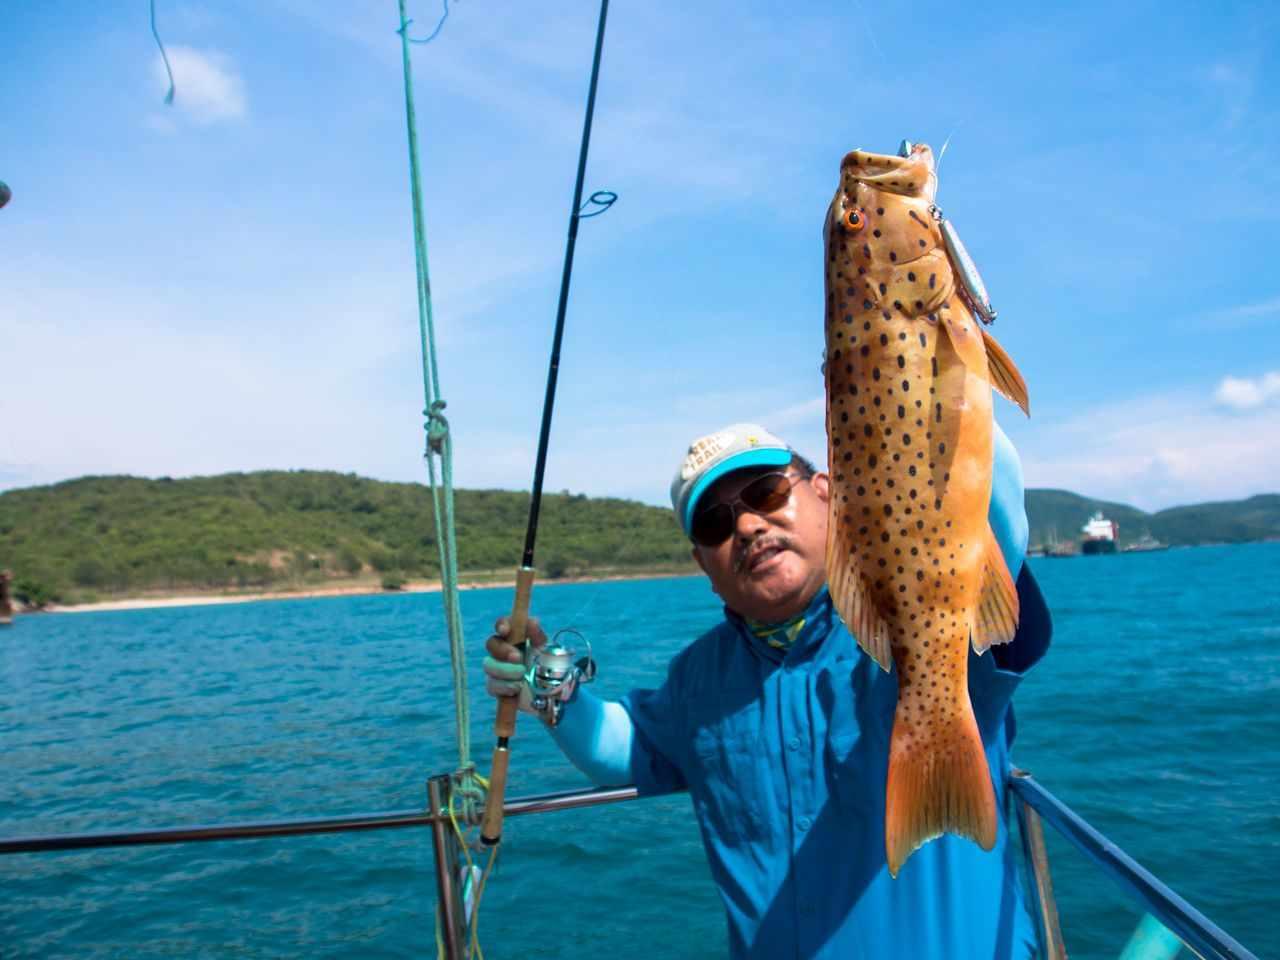 タイランド 太田さん Arriver69Dance で釣る。_a0153216_2334534.jpg